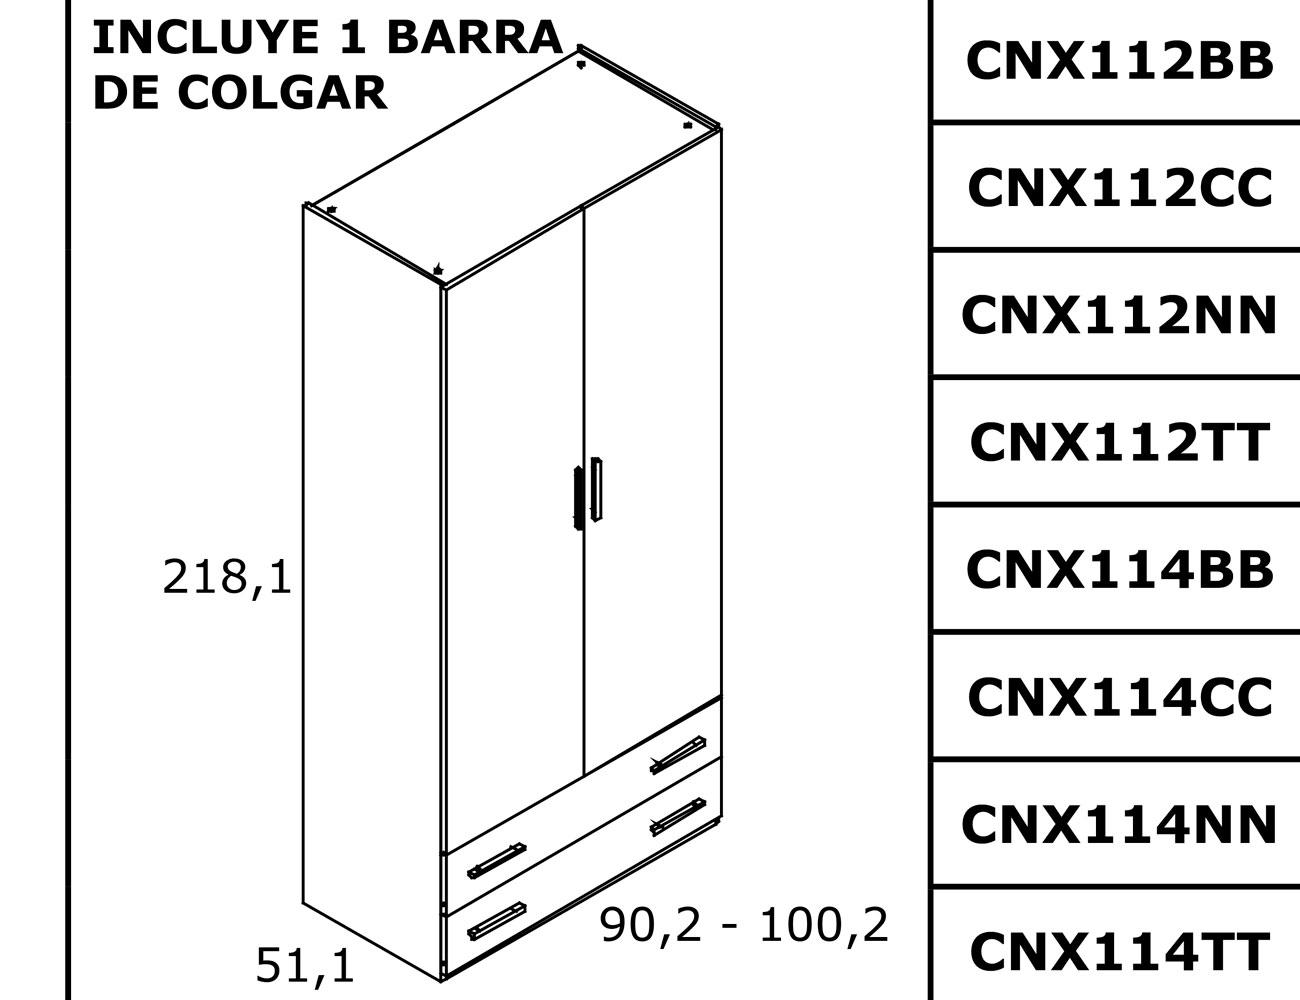 Cnx1121